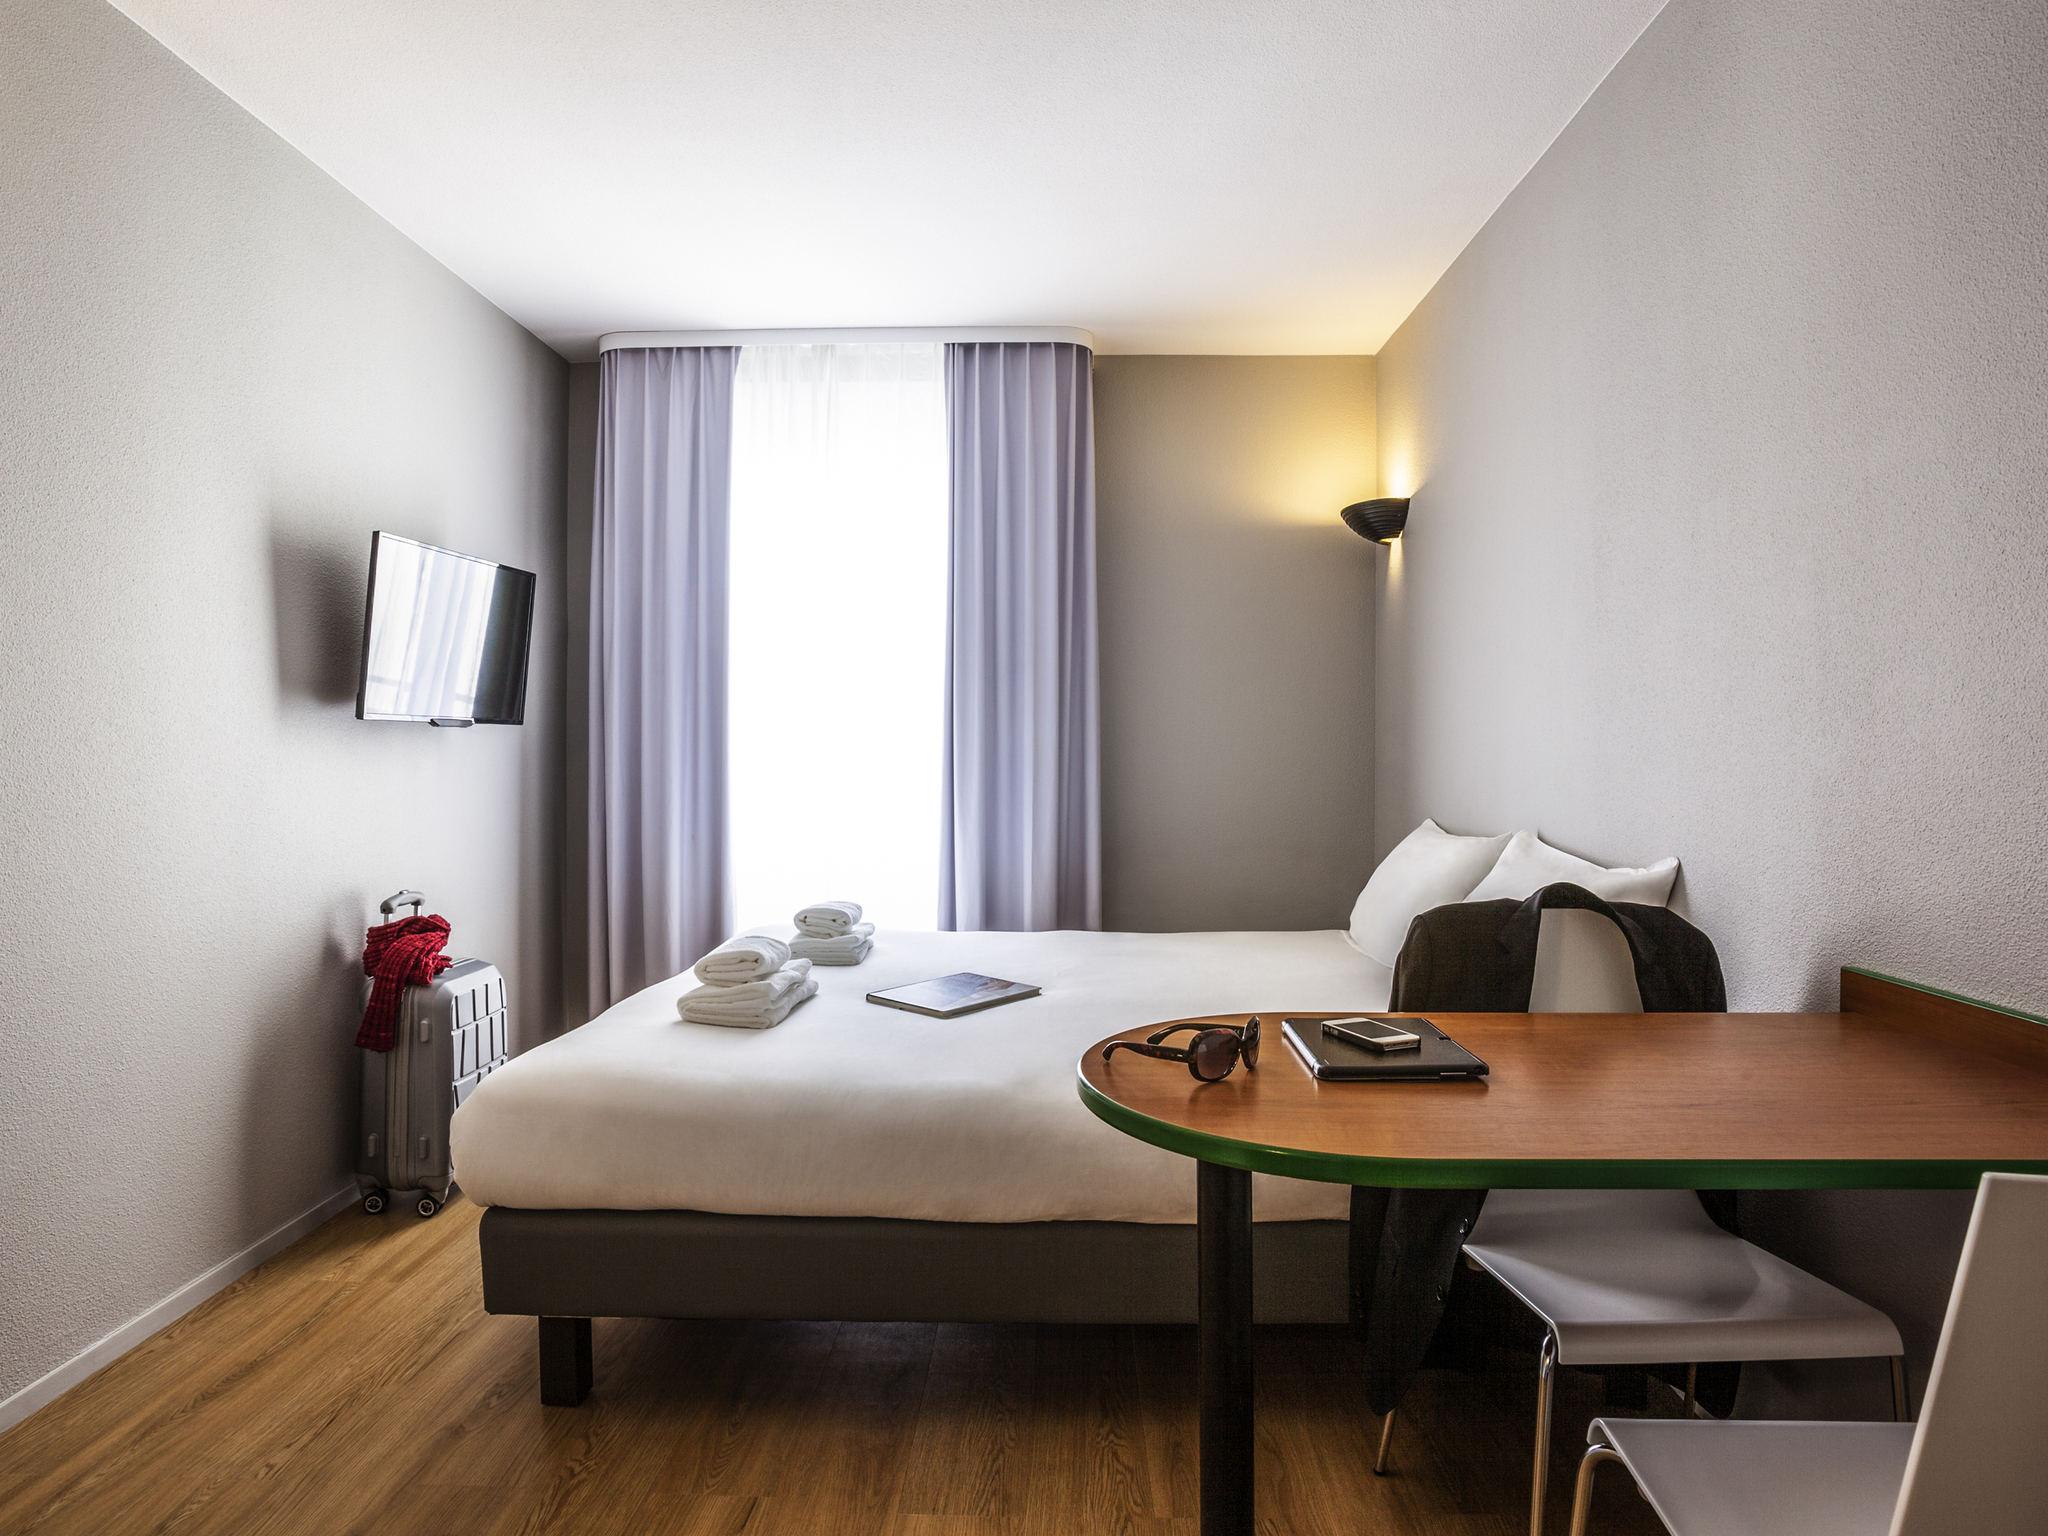 โรงแรม – Aparthotel Adagio access Paris Maisons-Alfort